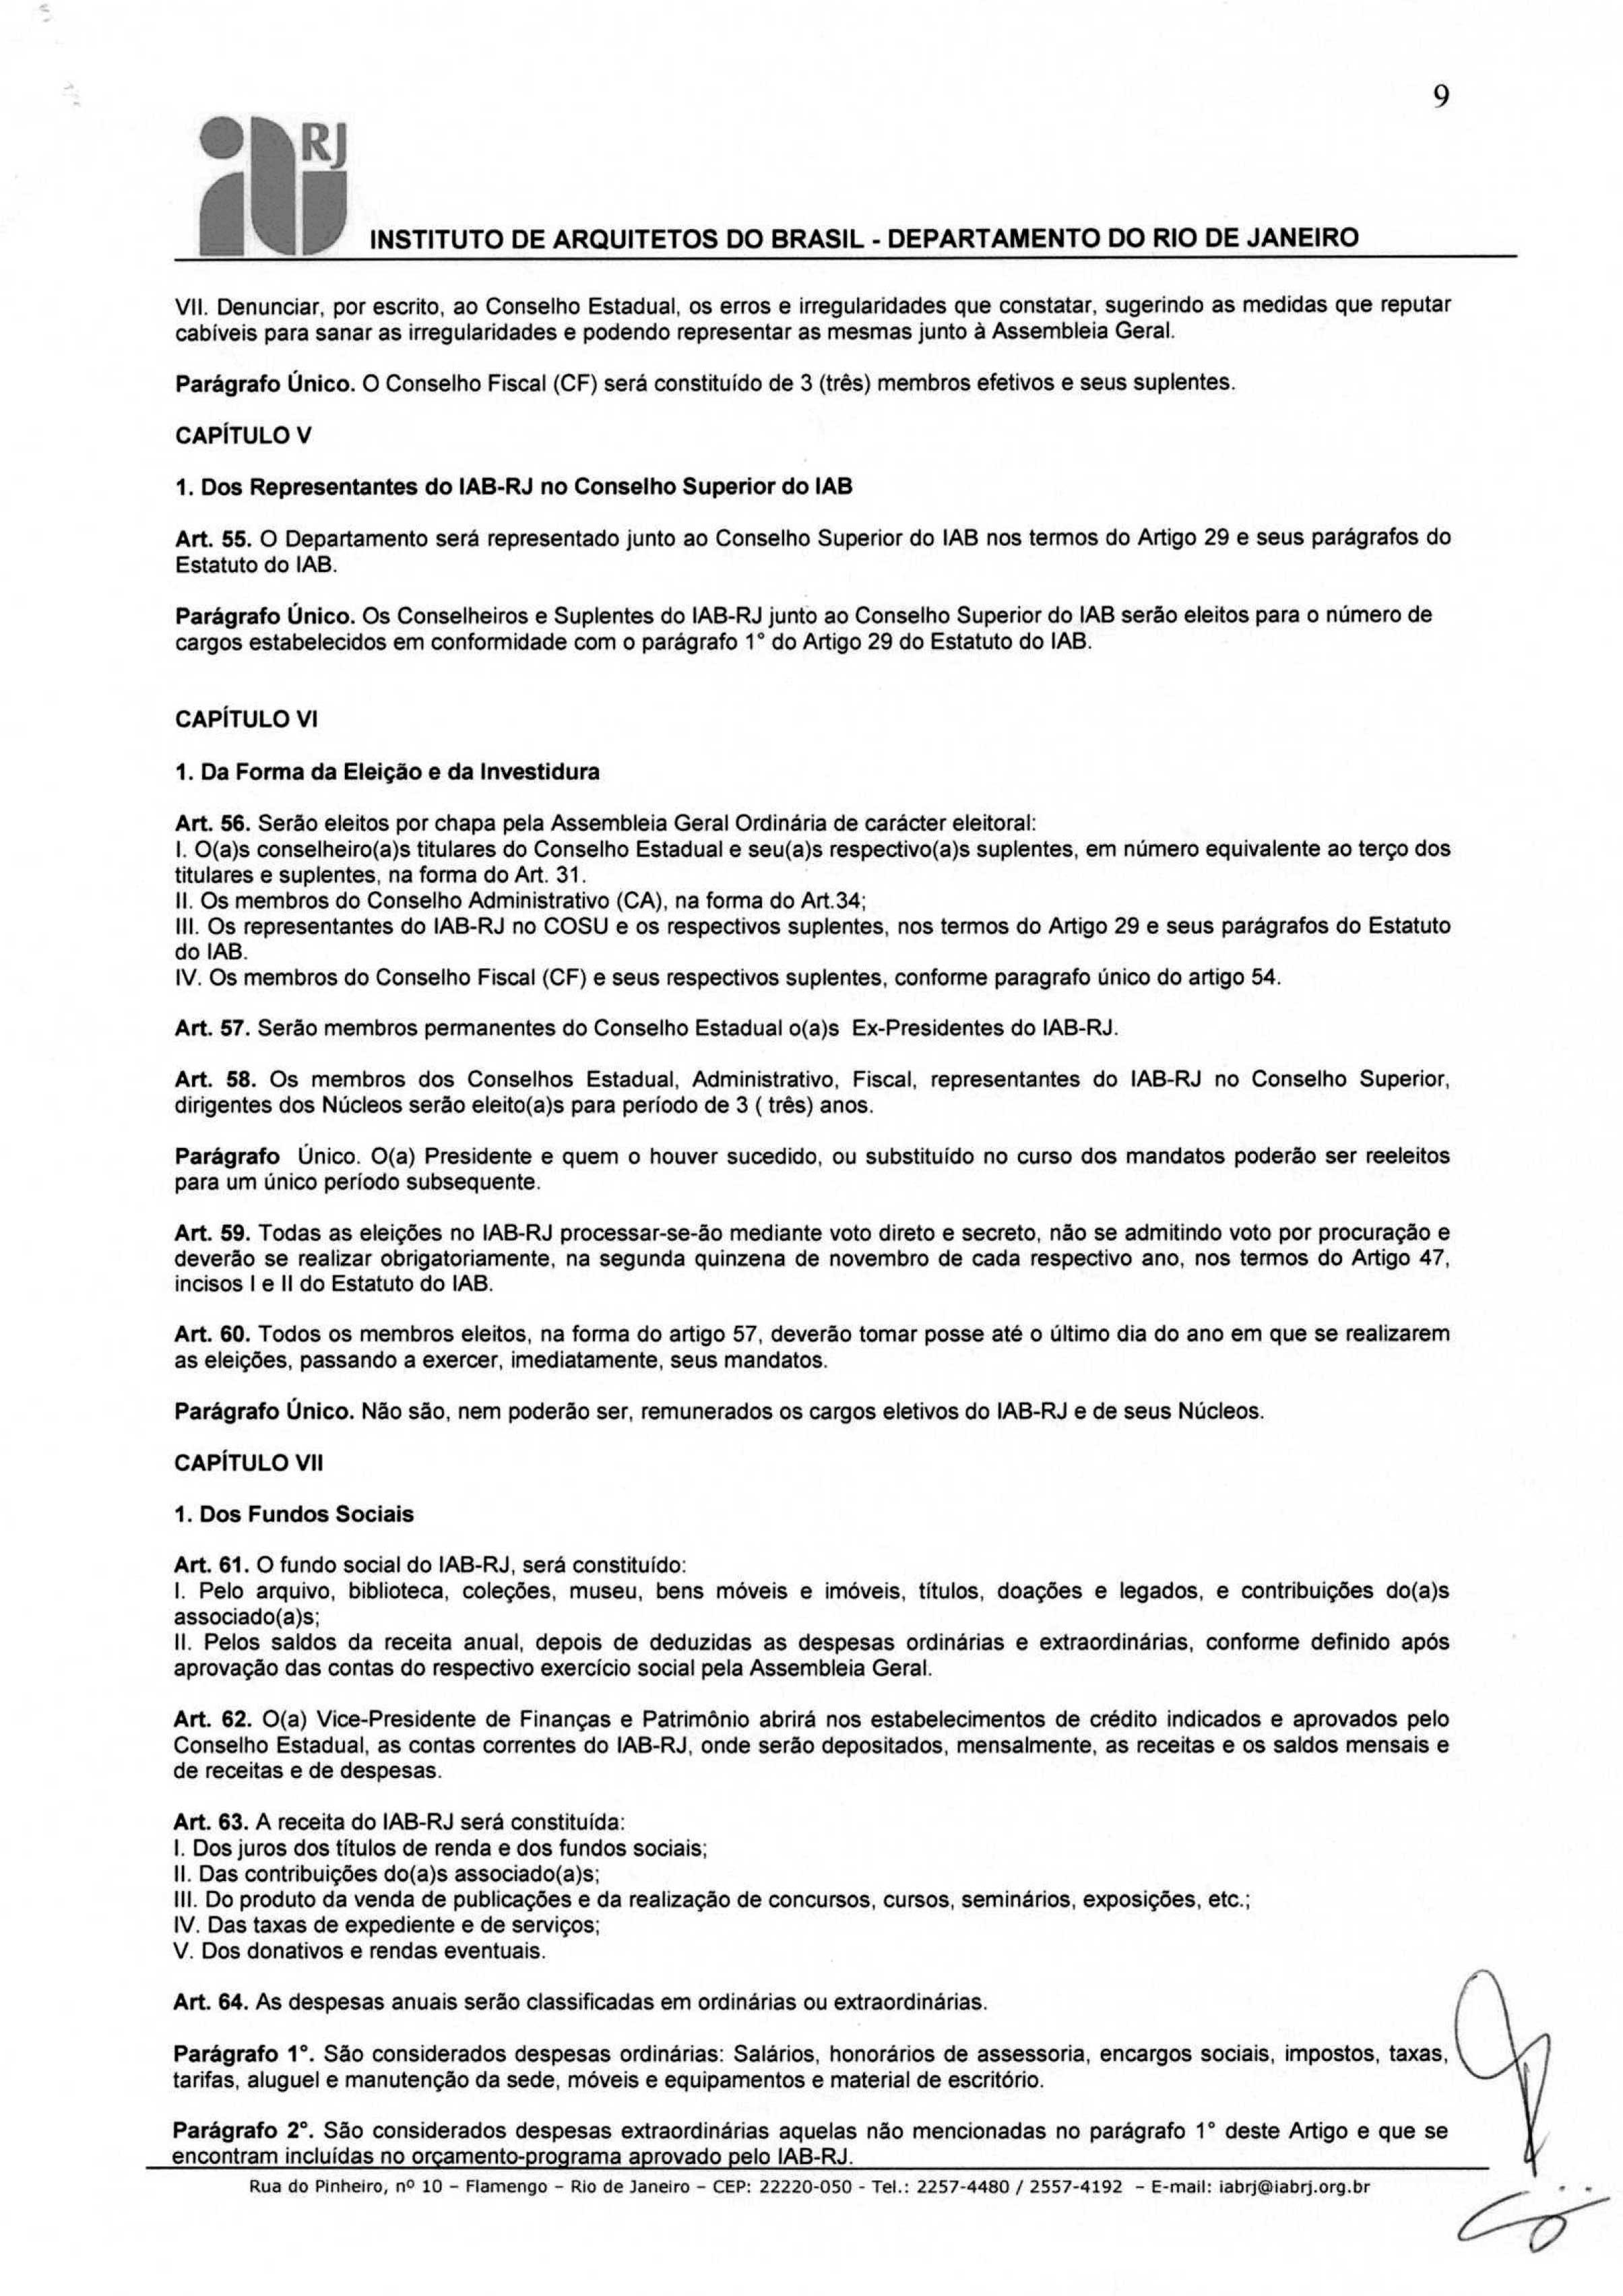 Estatuto_IABRJ_Registrado2016-9-10